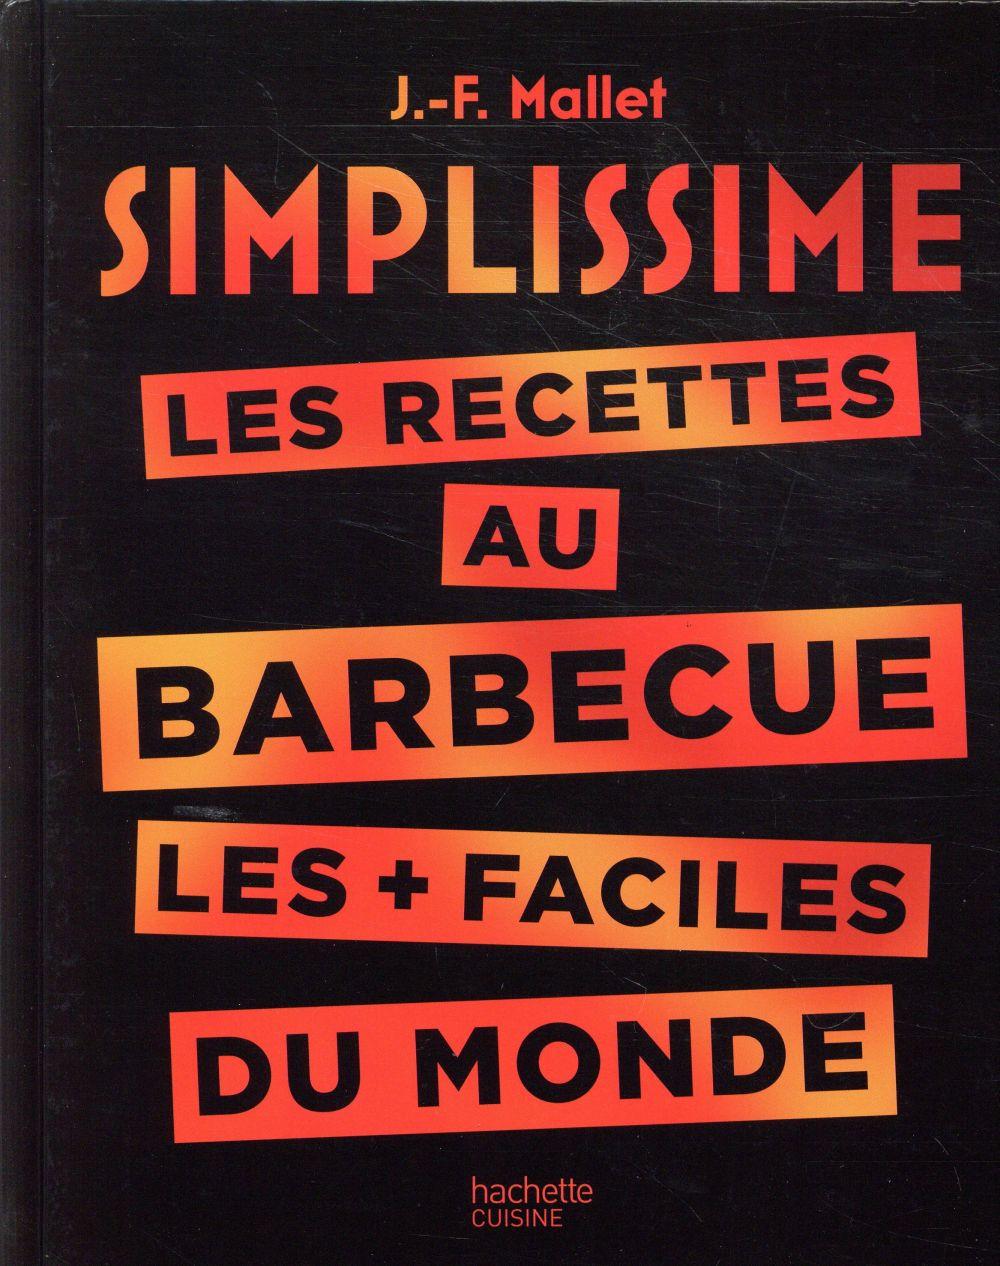 Simplissime ; les recettes au barbecue les + faciles du monde